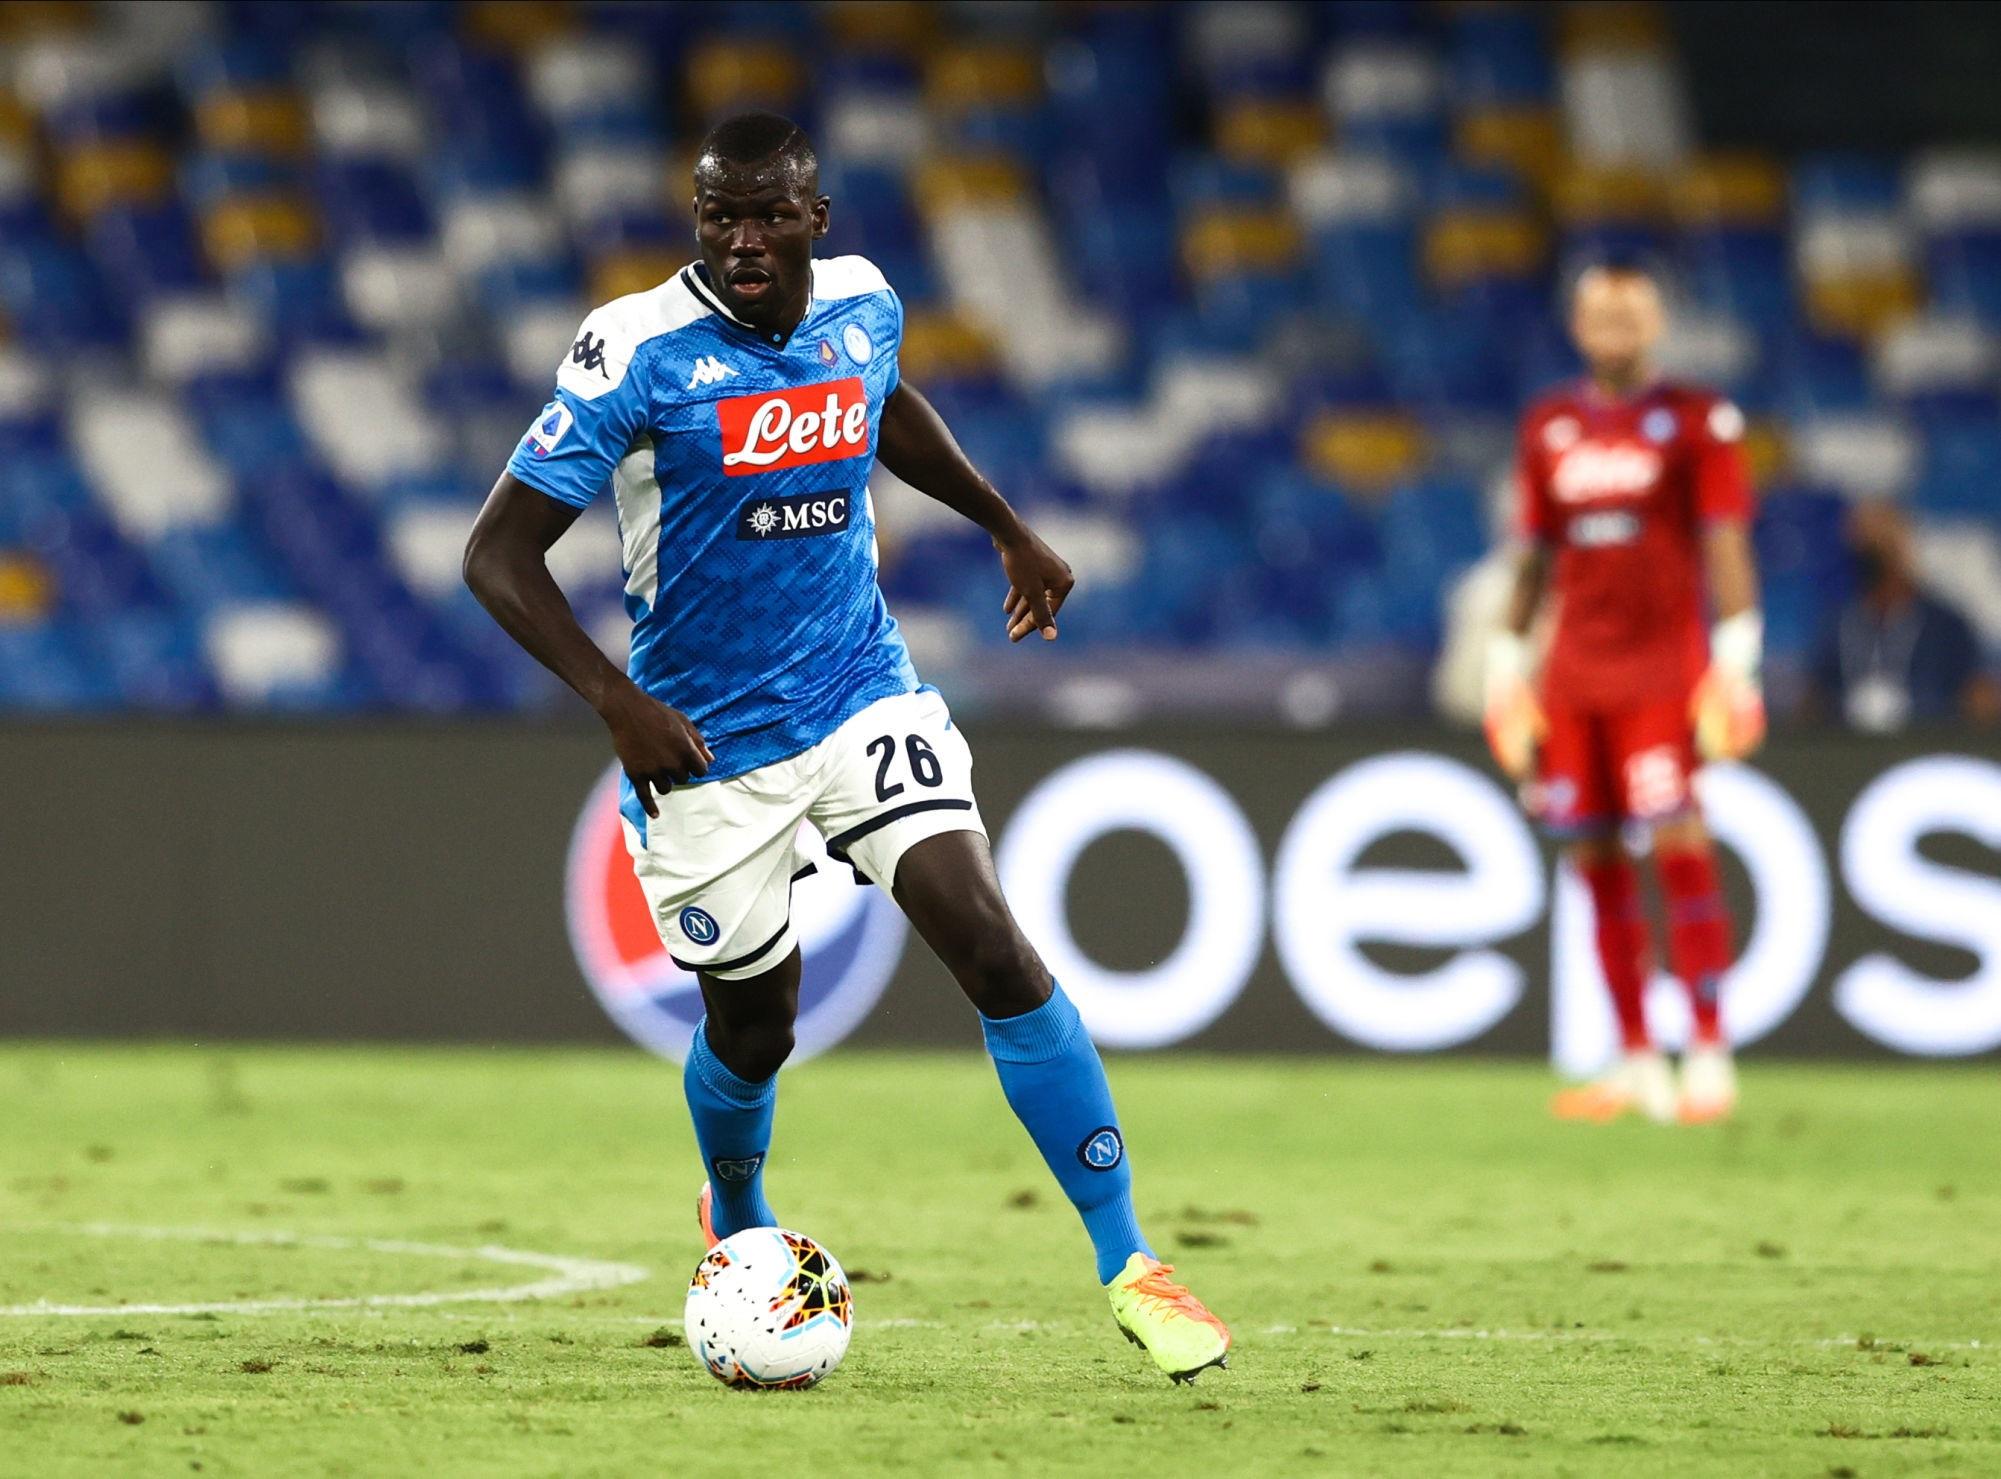 Mercato - Le PSG est le club le mieux placé pour recruter Koulibaly, selon Kiss Kiss Napoli